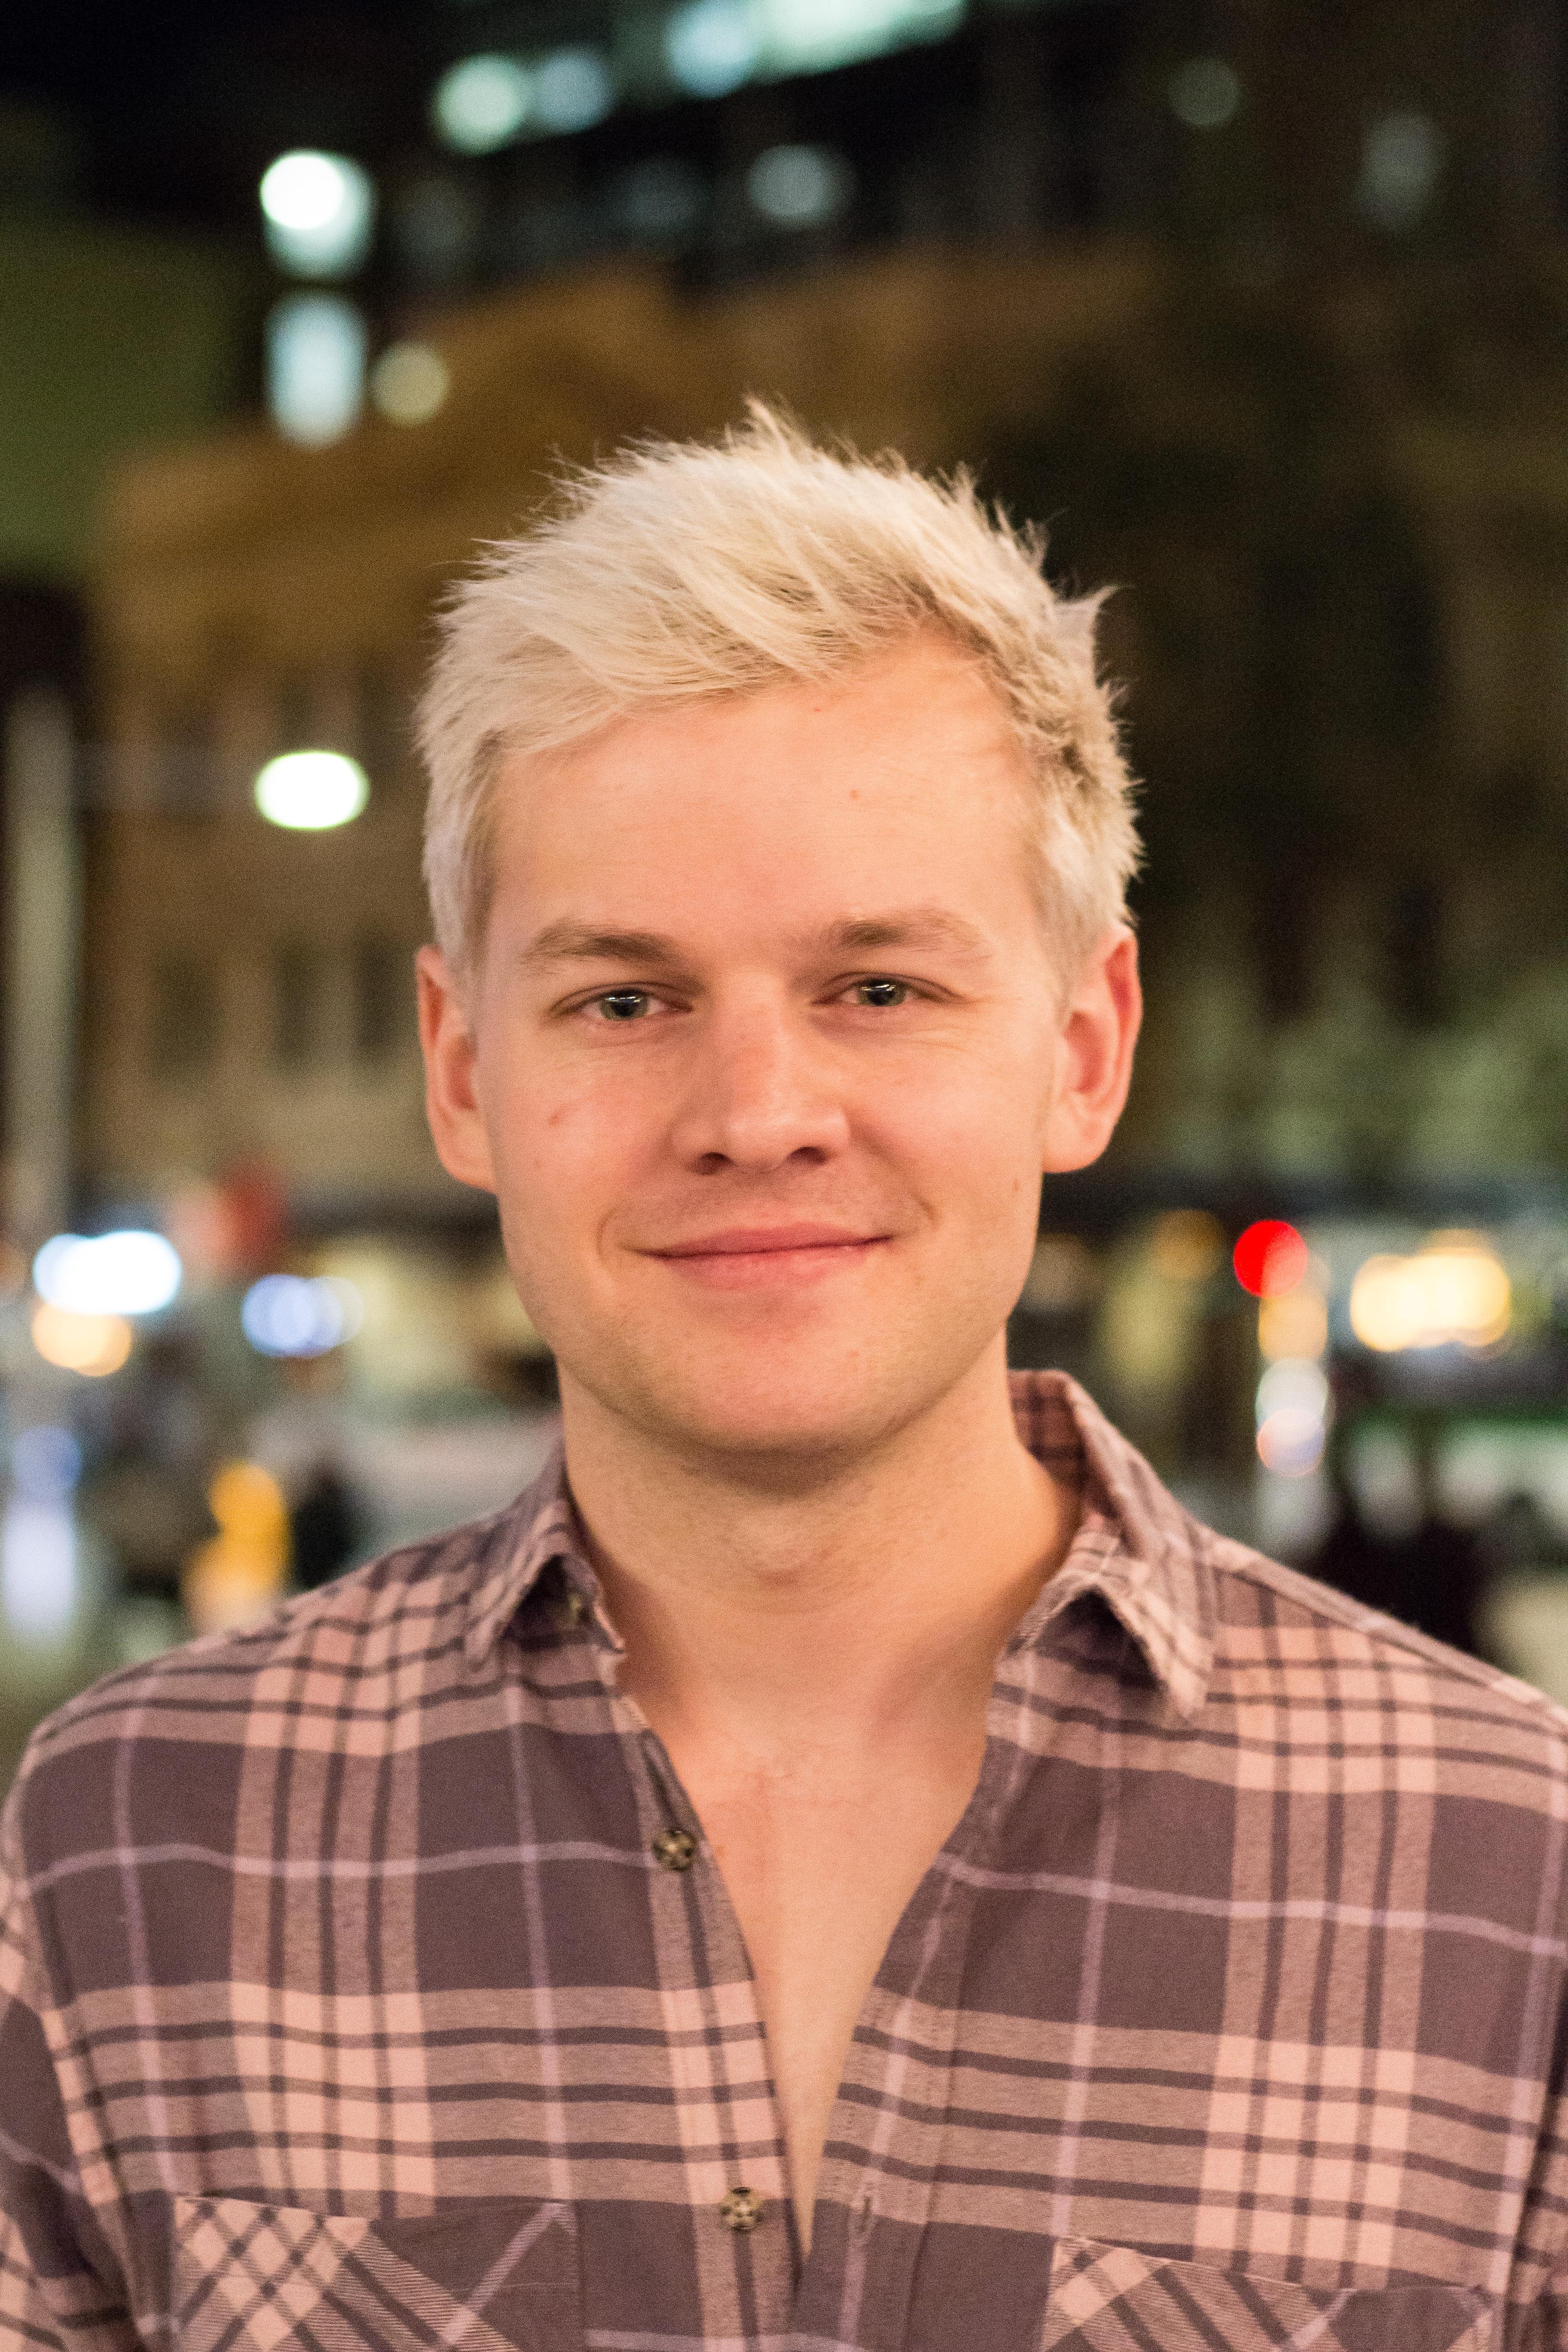 Australian gay comedian